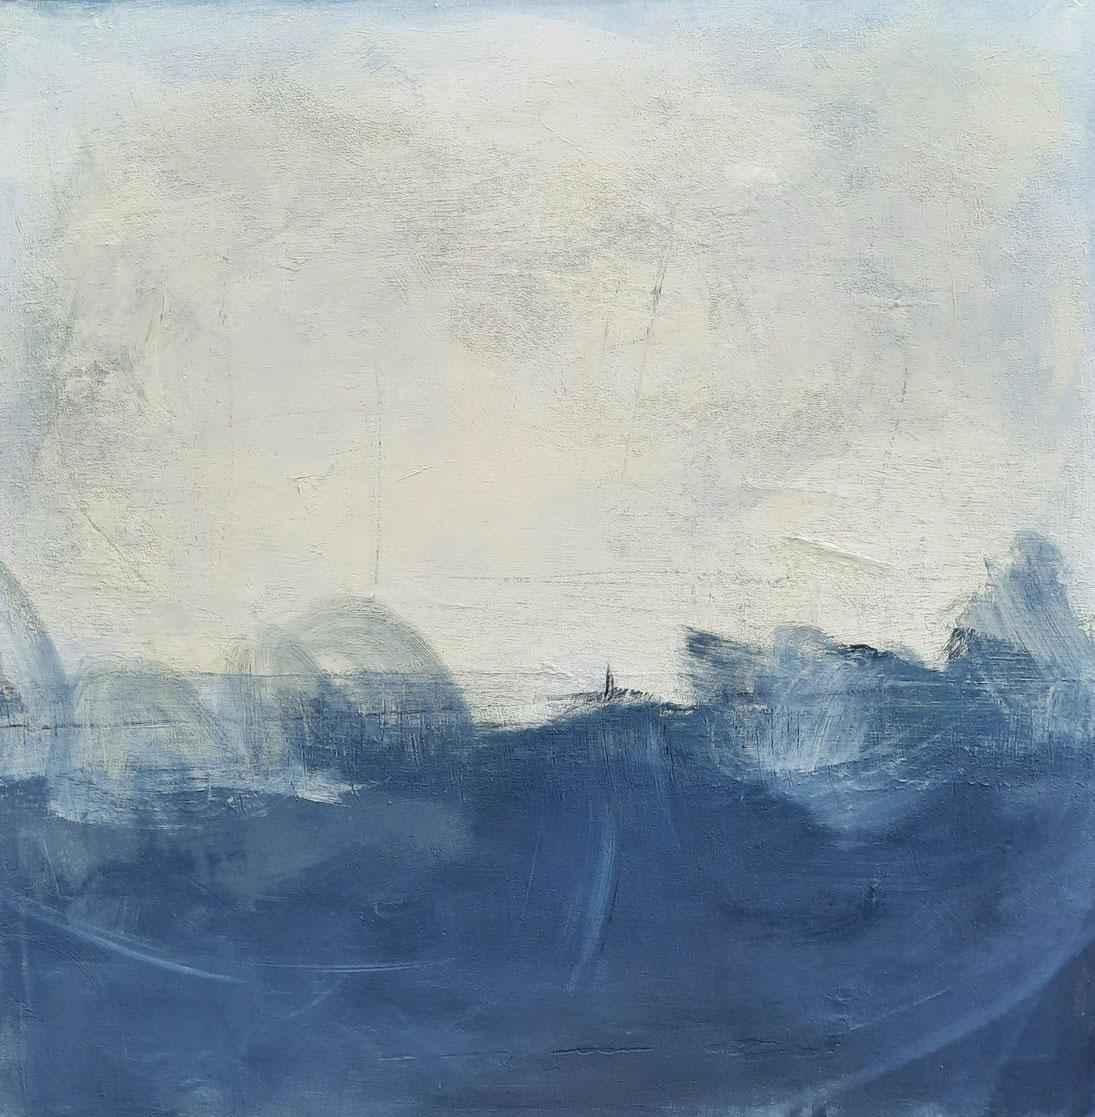 Stürmische Zeiten - blau weisses Gemälde